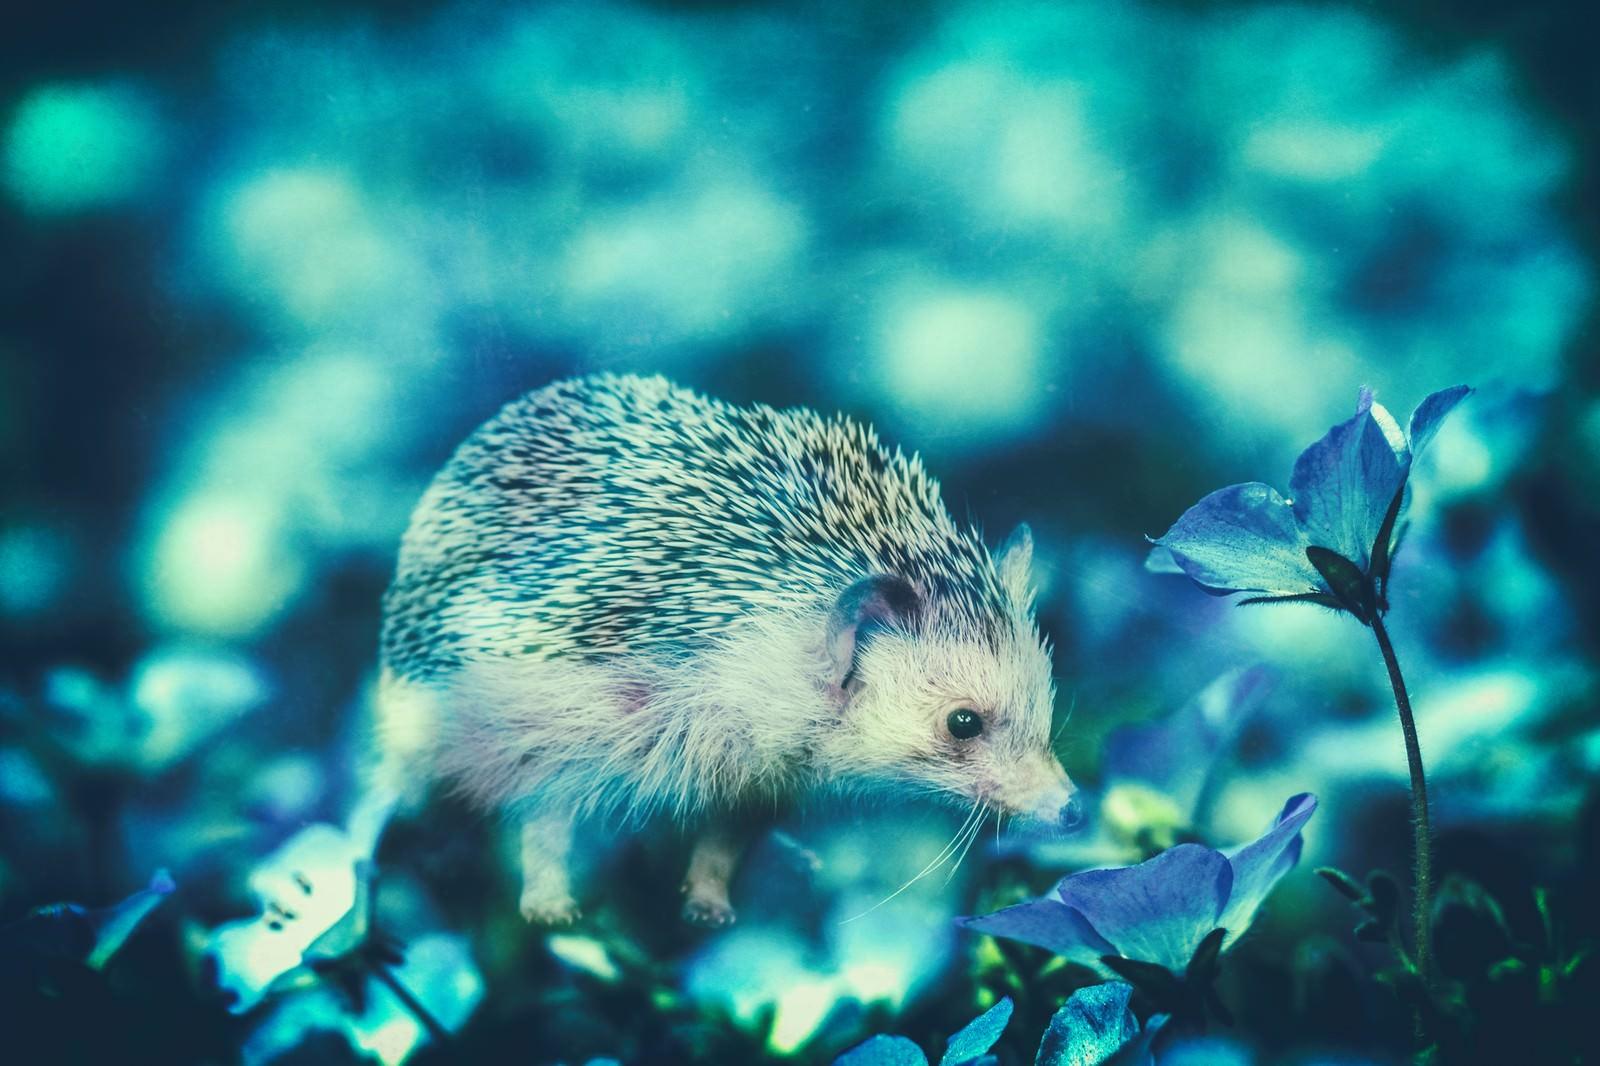 「コスモスに包まれるハリネズミ(フォトモンタージュ)」の写真